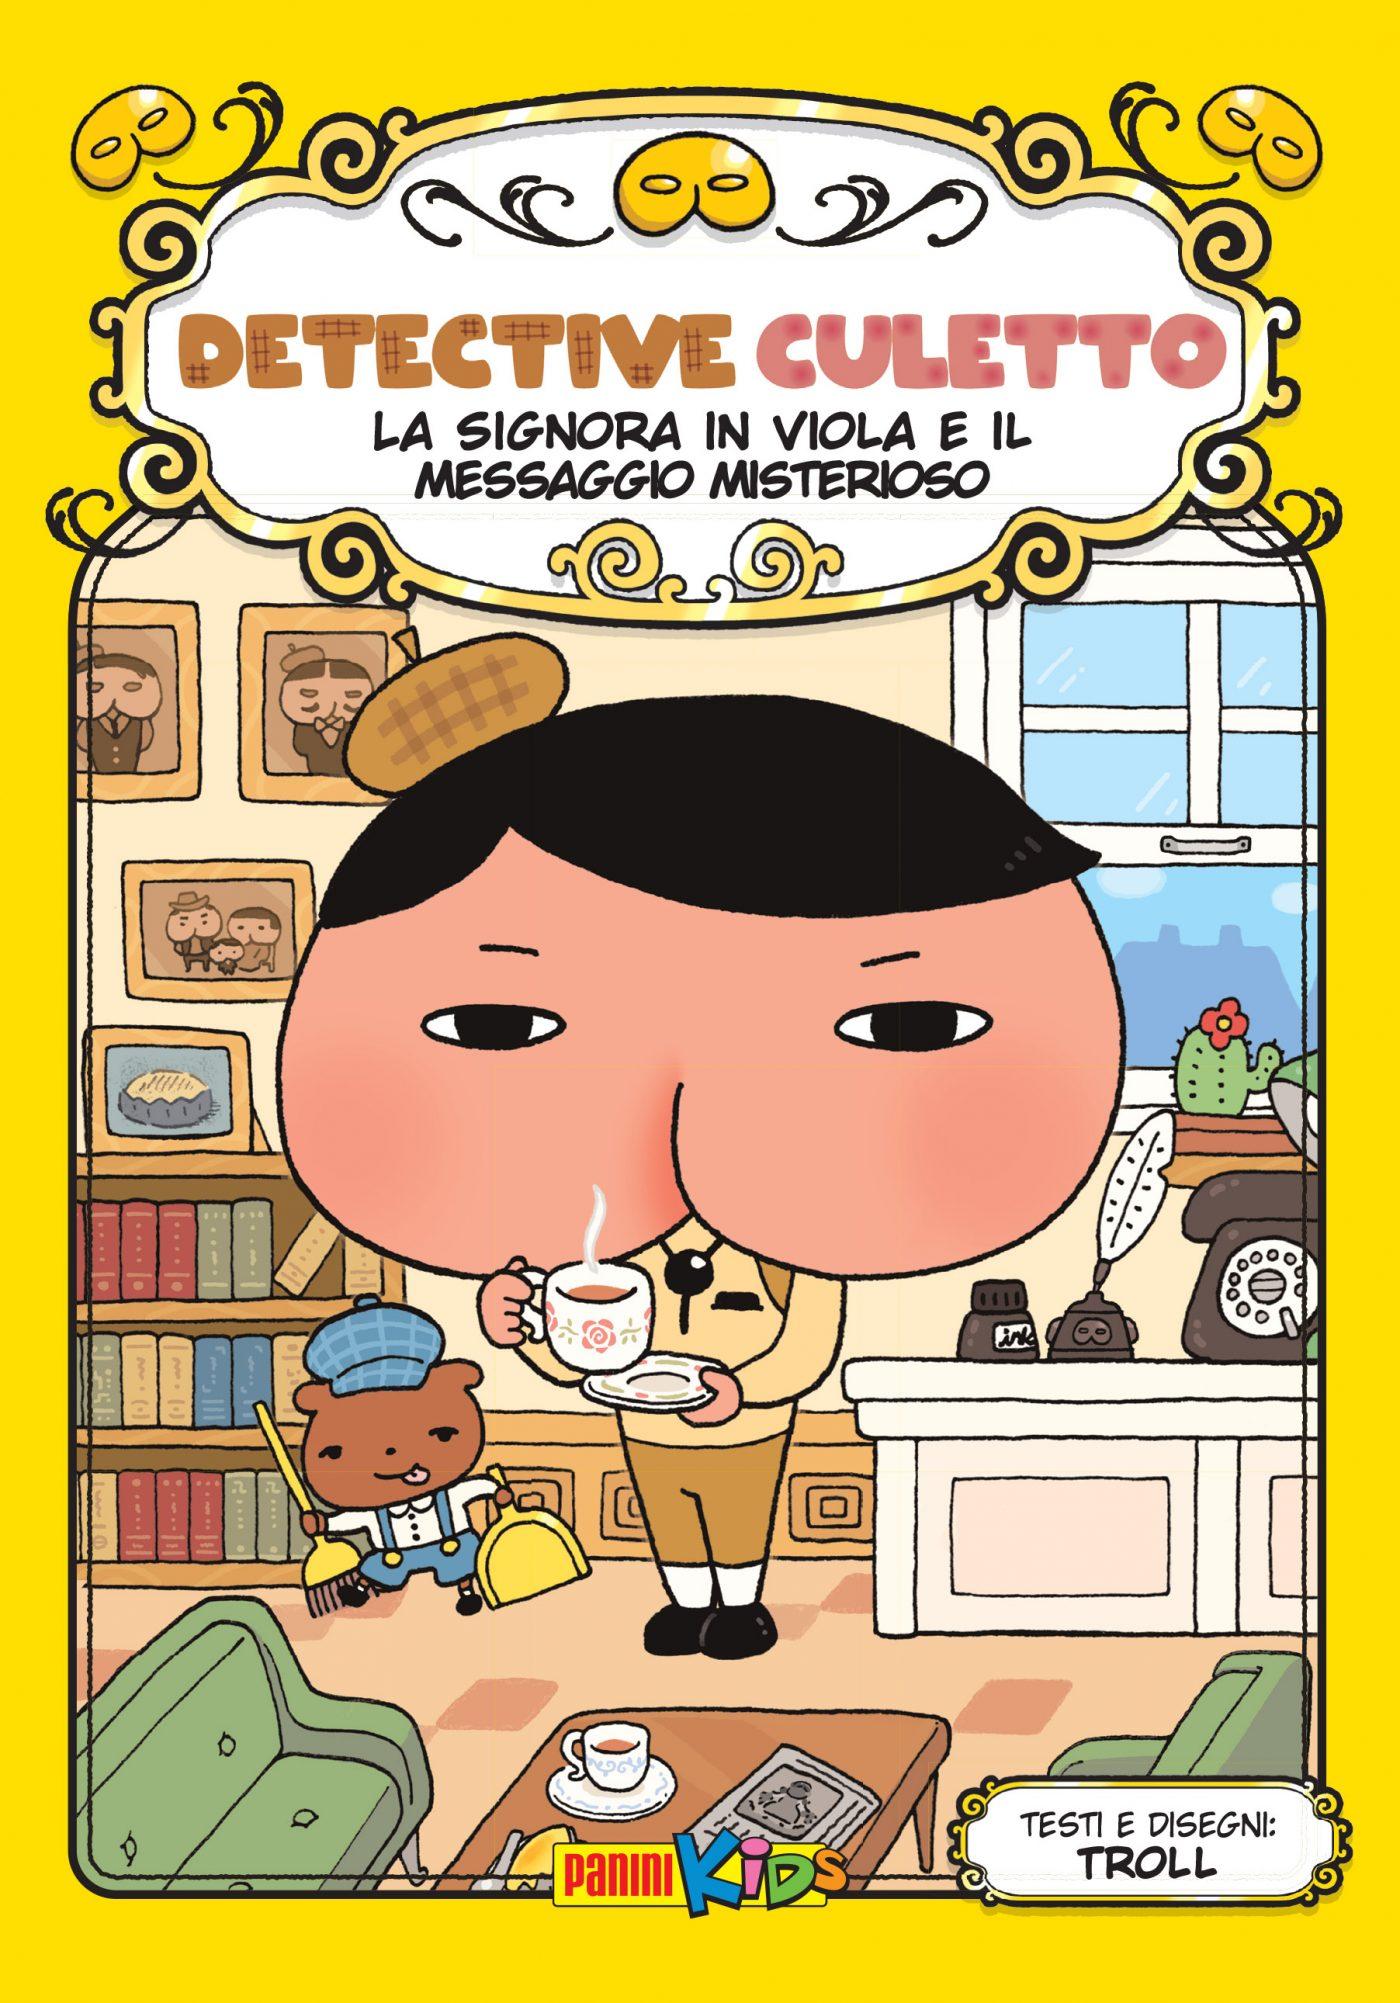 Detective Culetto vol. 1, copertina